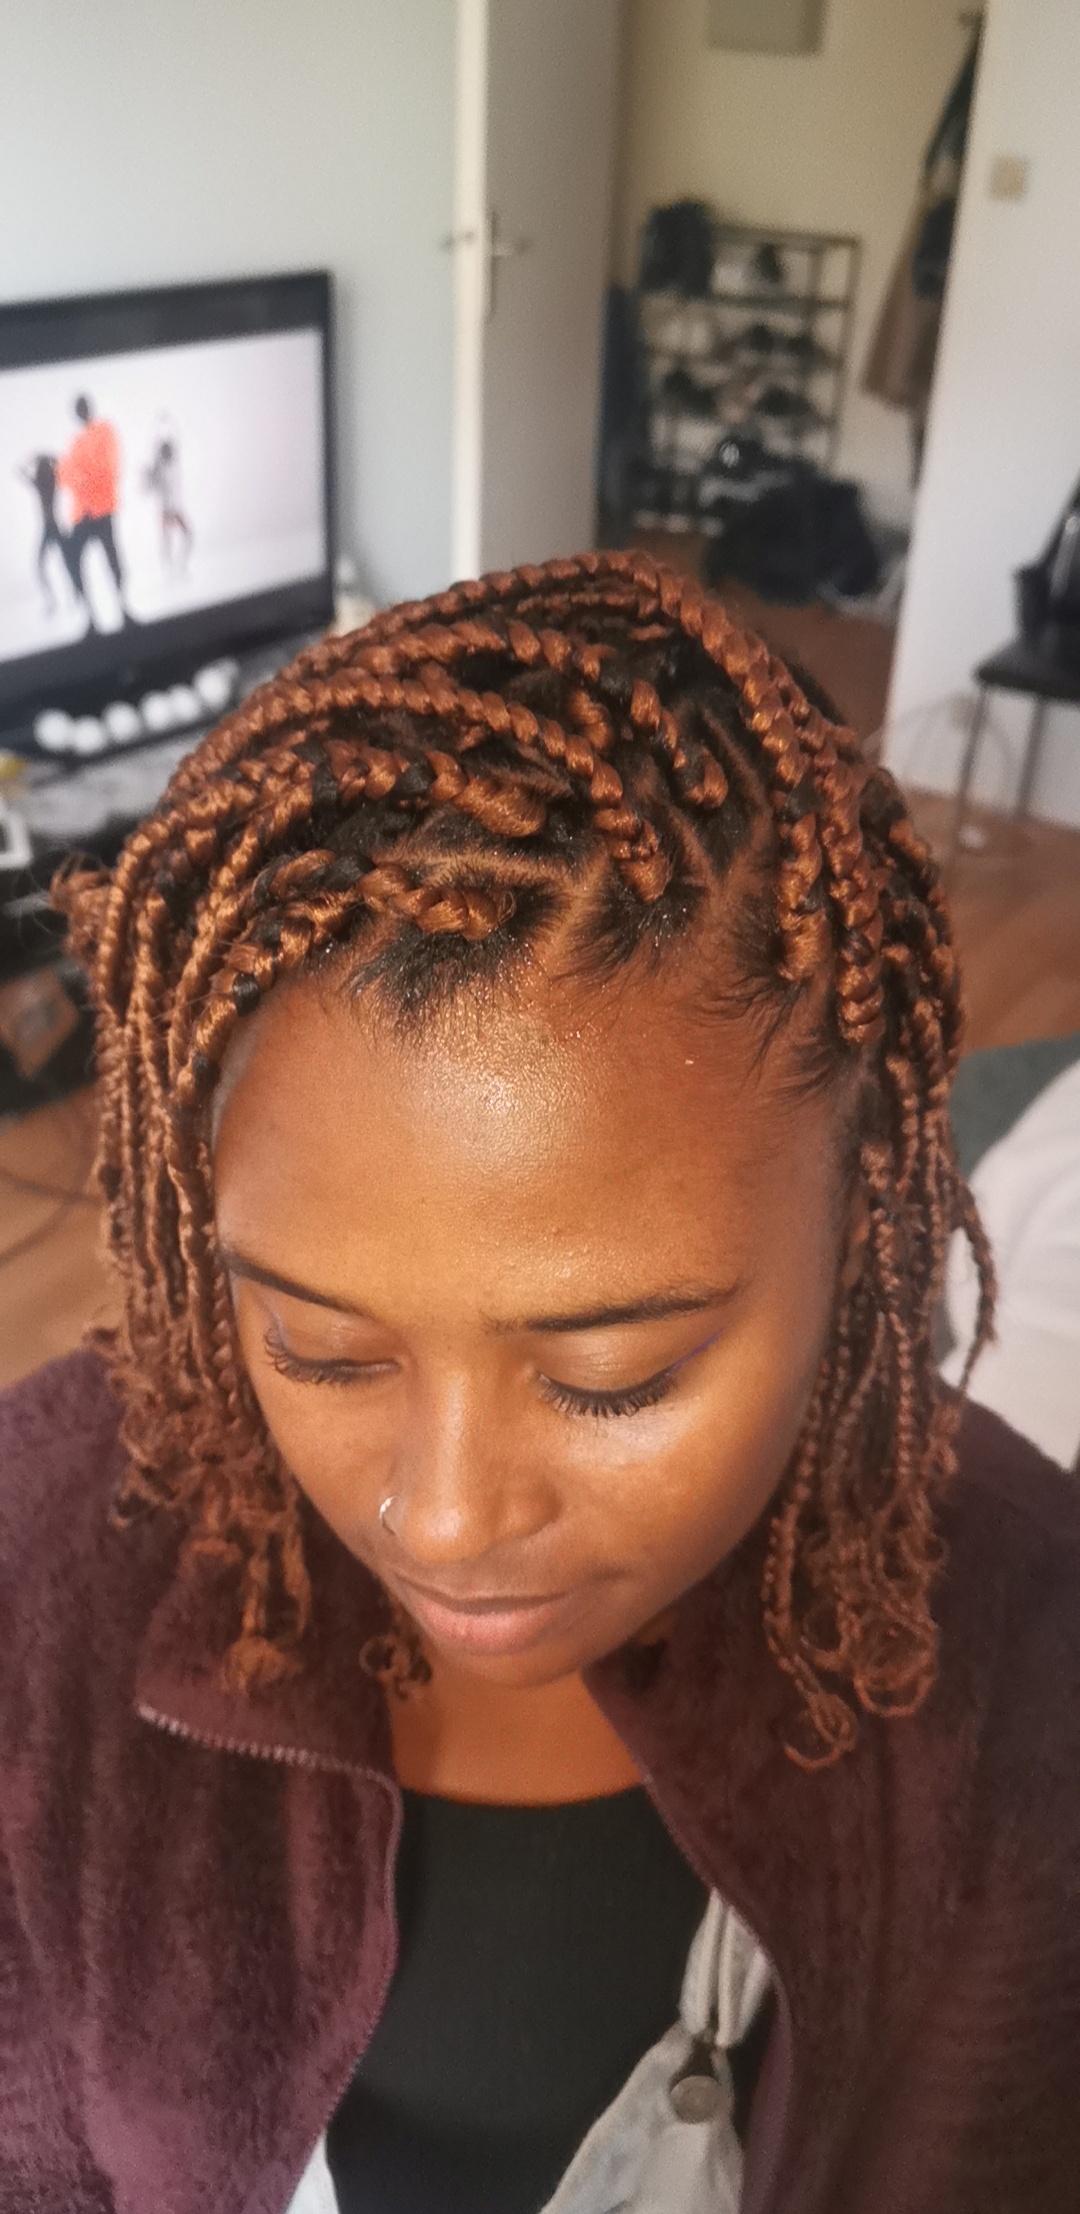 salon de coiffure afro tresse tresses box braids crochet braids vanilles tissages paris 75 77 78 91 92 93 94 95 WZQORFAV